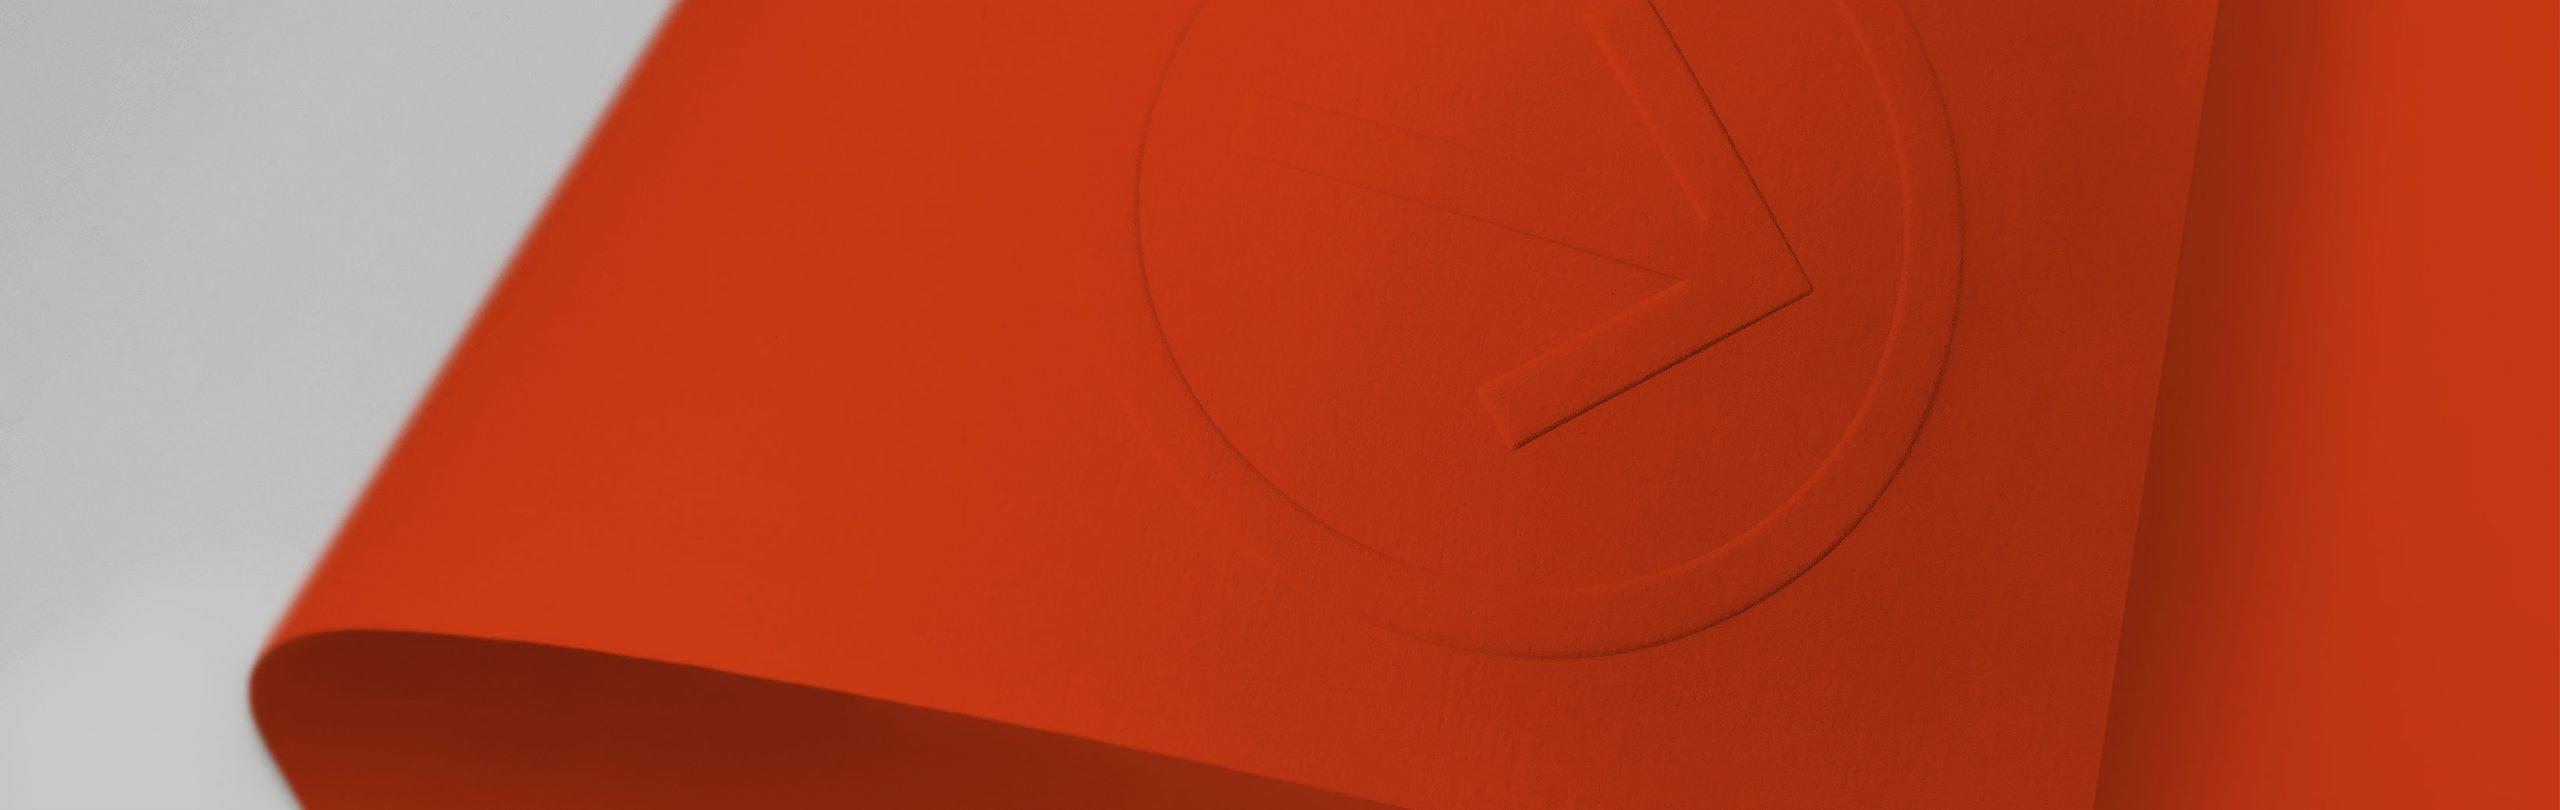 Von Konzept und Gestaltung bis hin zur ganzheitlichen und medienübergreifenden Brand Experience erarbeitet Nieschlag + Wentrup Ihren starken und individuellen Marken- und Firmenauftritt.